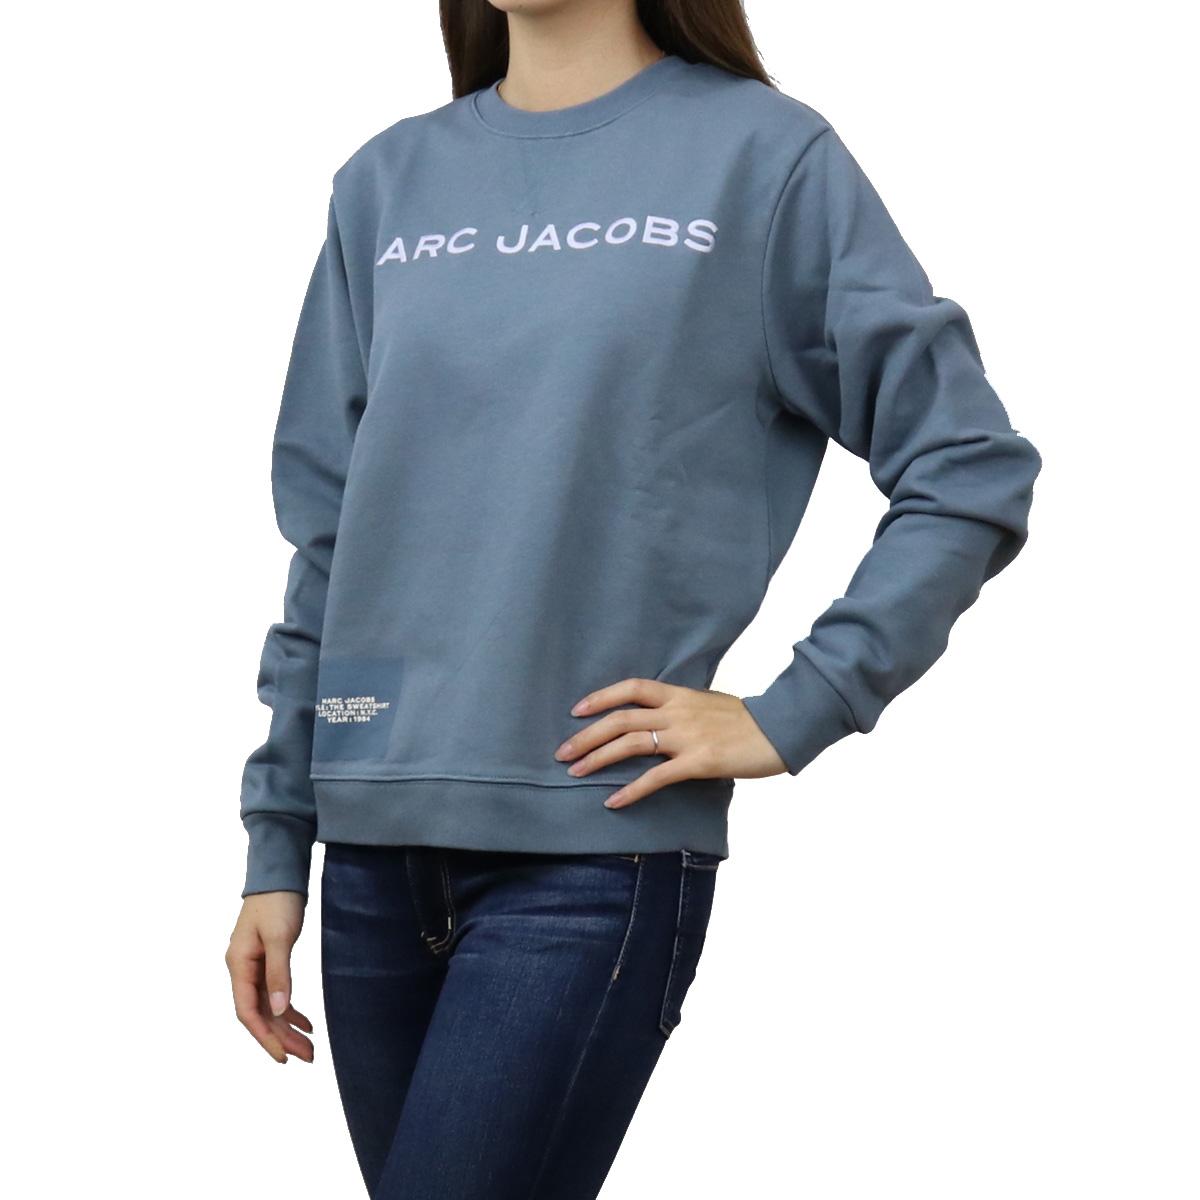 ※ 送料無料 ラッピング無料 20%OFF ブランド公式サイト掲載価格28 600円 日本製 マーク ジェイコブス MARC JACOBS トップス BLUE SHADOW レディース-スウェット ブルー系 apparel-01 ディスカウント C604C05PF21 ブランド 481